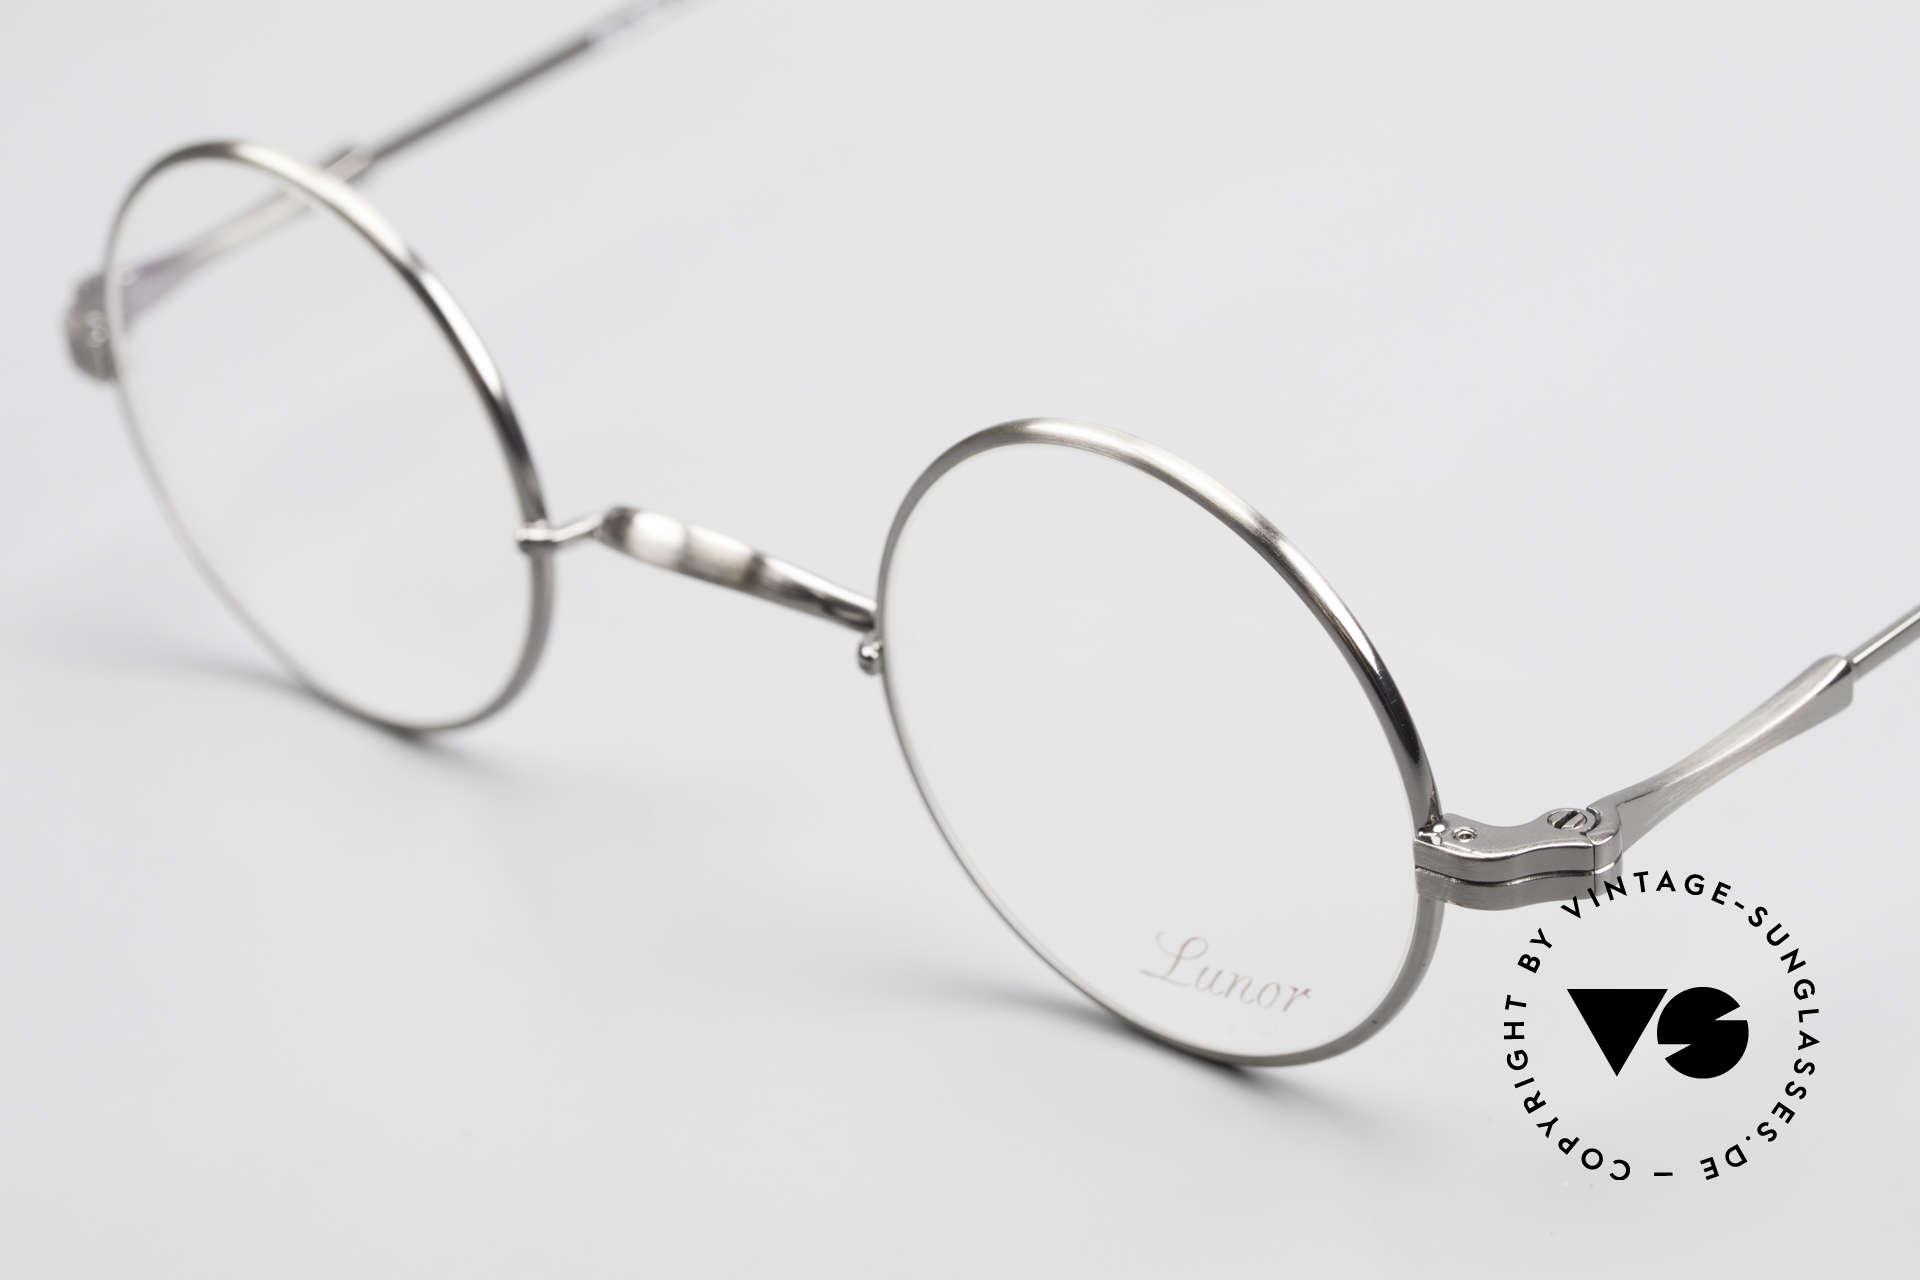 Lunor II 12 Kleine Runde Luxus Brille, bekannt für den W-Steg und die schlichten Formen, Passend für Herren und Damen